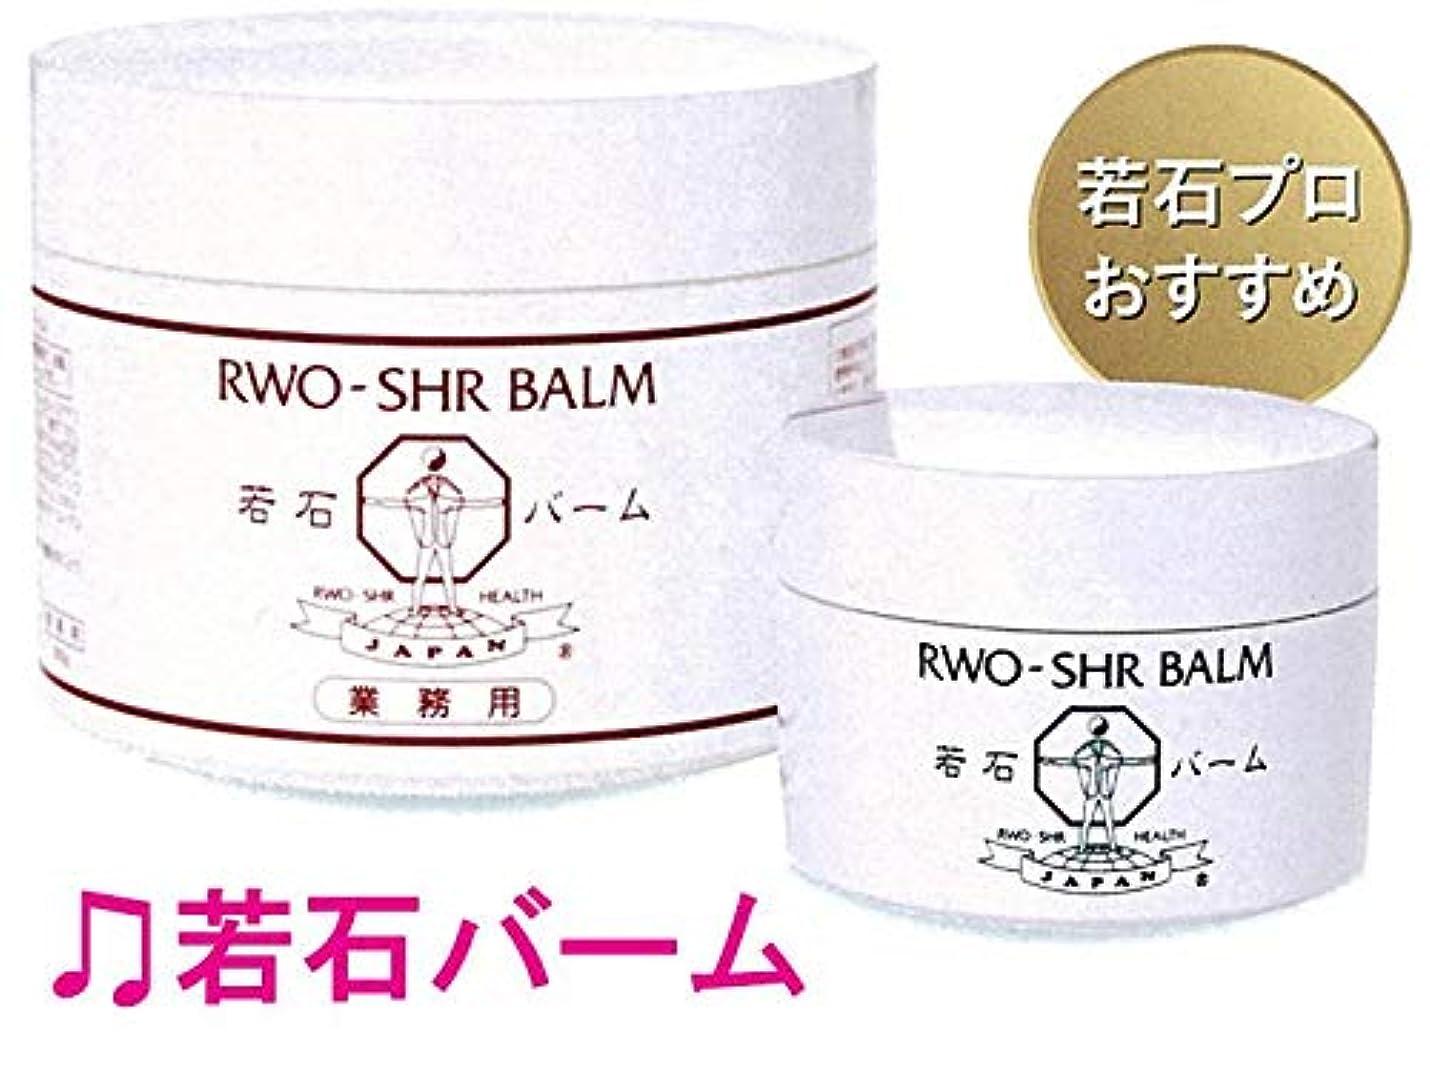 パネル批評より多い若石バーム(250g) RWO-SHR BALM 国際若石健康研究会正規品